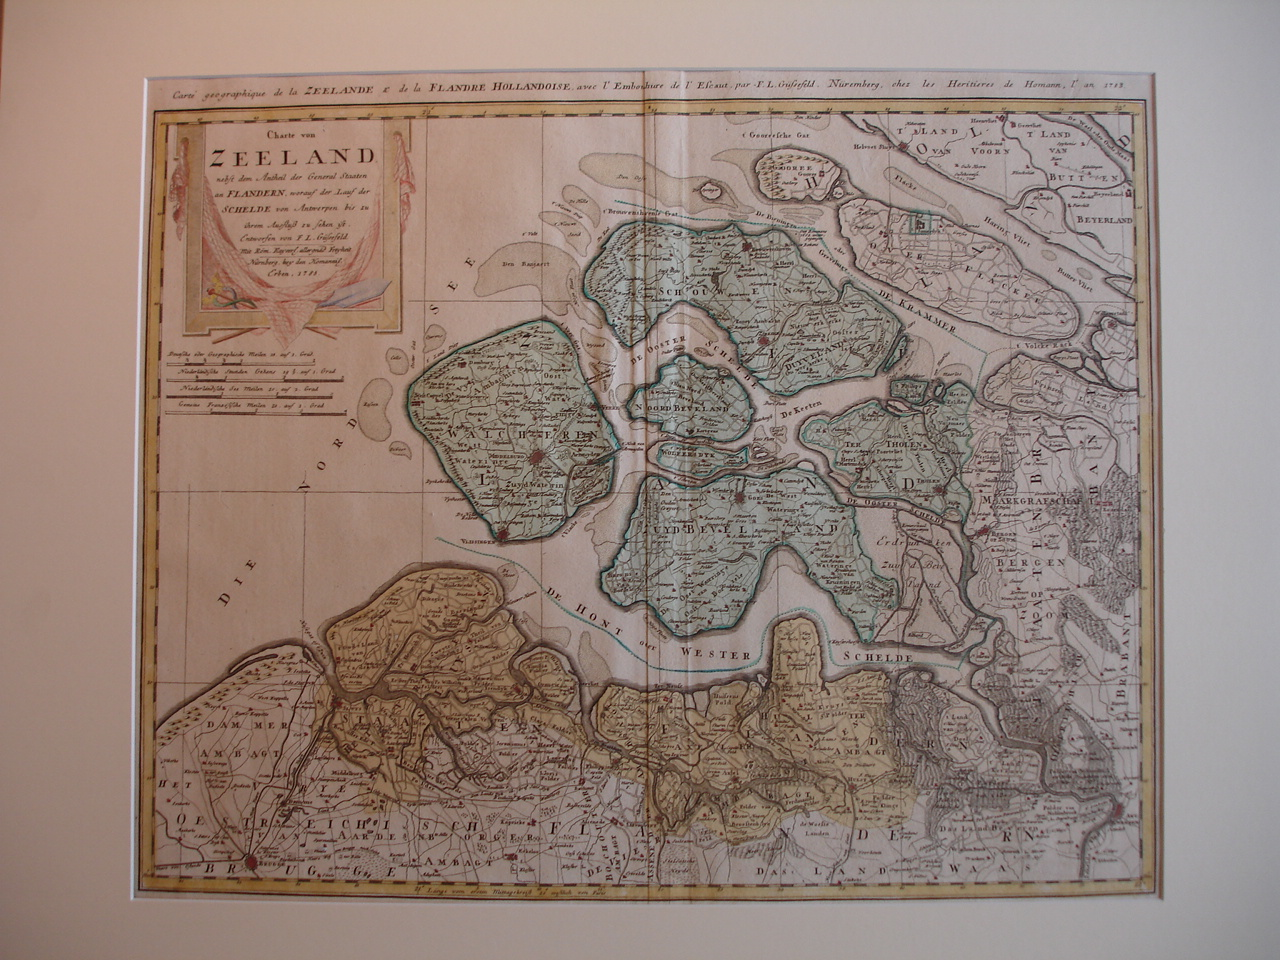 ZEELAND.. - Charte von Zeeland, nebst dem Antheil der General Staaten an Flandern, worauf der Lauf der Schelde von Antwerpen bis zu ihrem Ausfluss zu sehen ist.